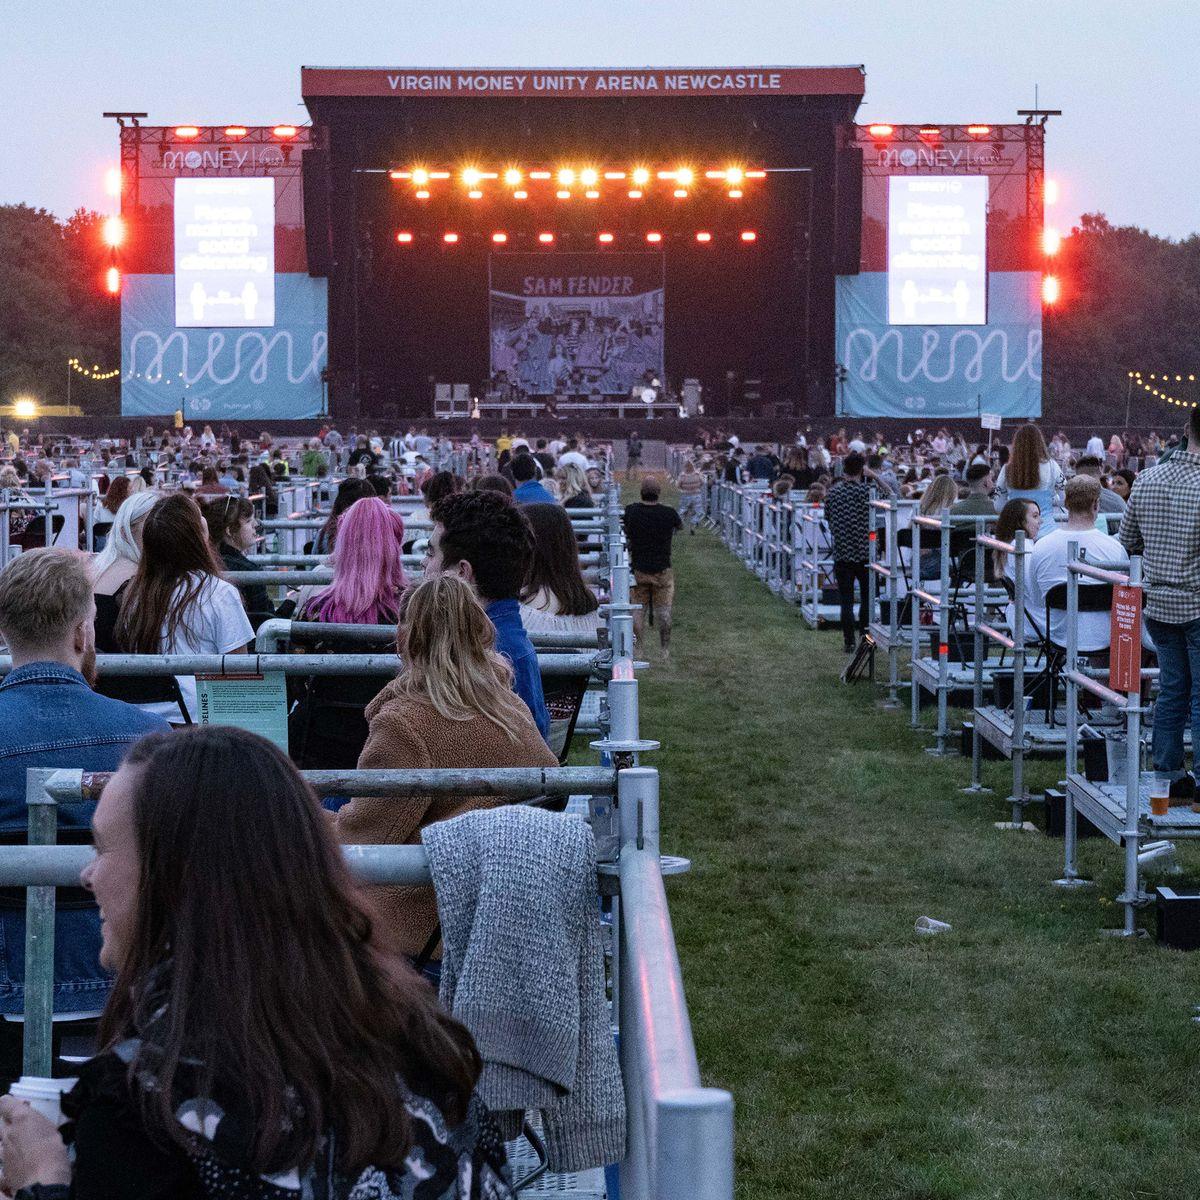 Prvi koncert uz poštivanje socijalne distance održan u Velikoj Britaniji: Prisustvovalo 2500 ljudi